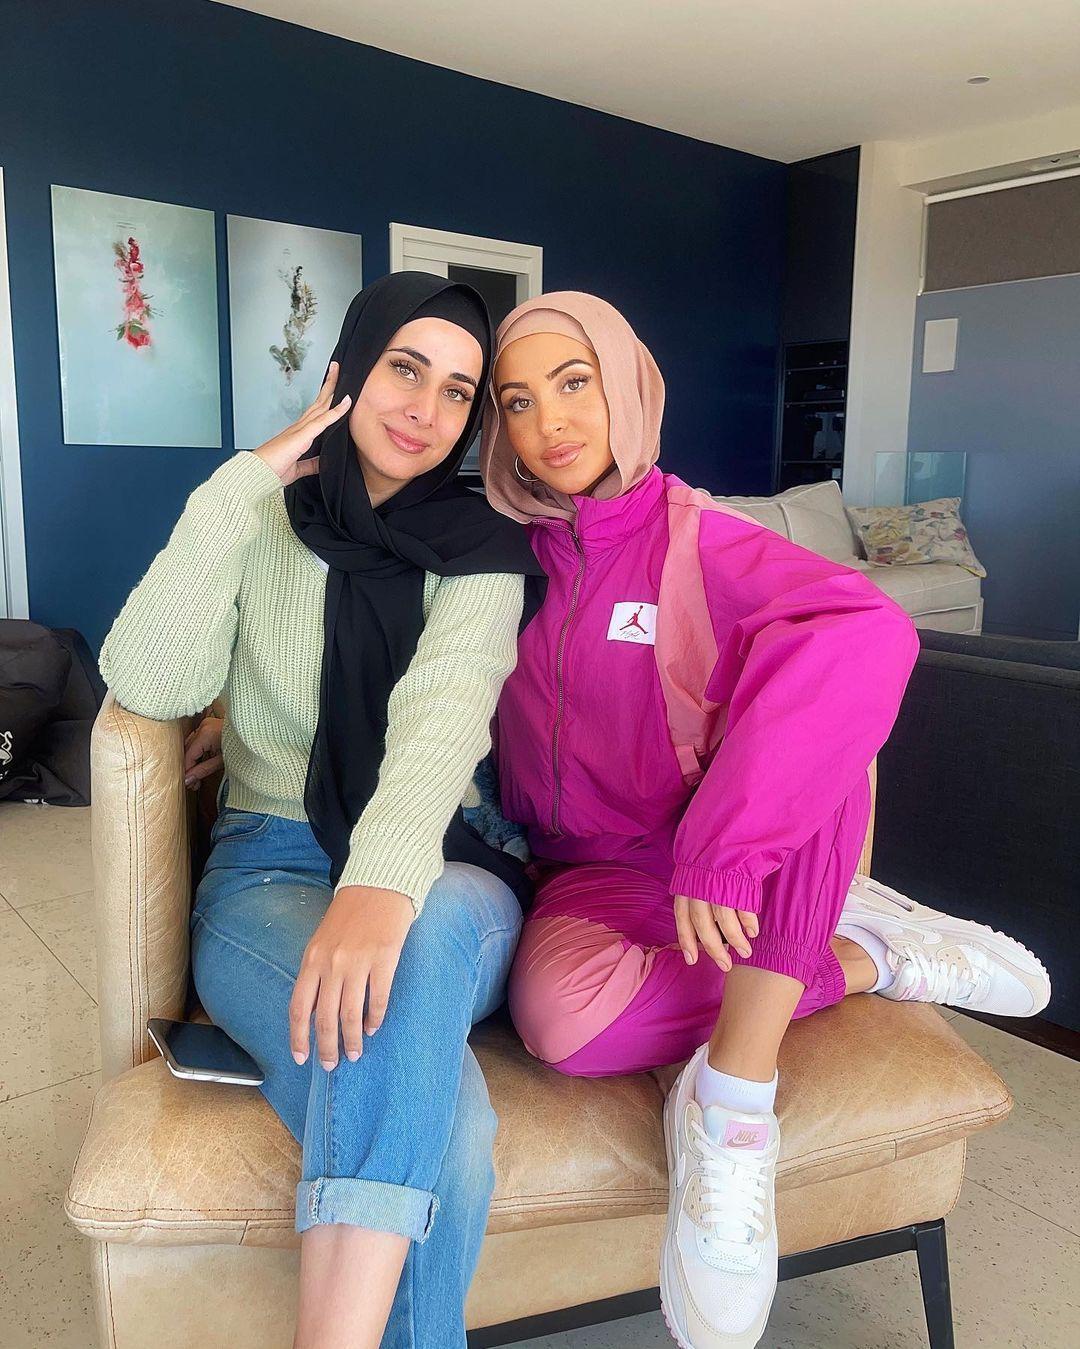 Kishama Meridian On Instagram Mia Amore Hijabi Modest Fashion Hijab Fashion Hijabi Outfits